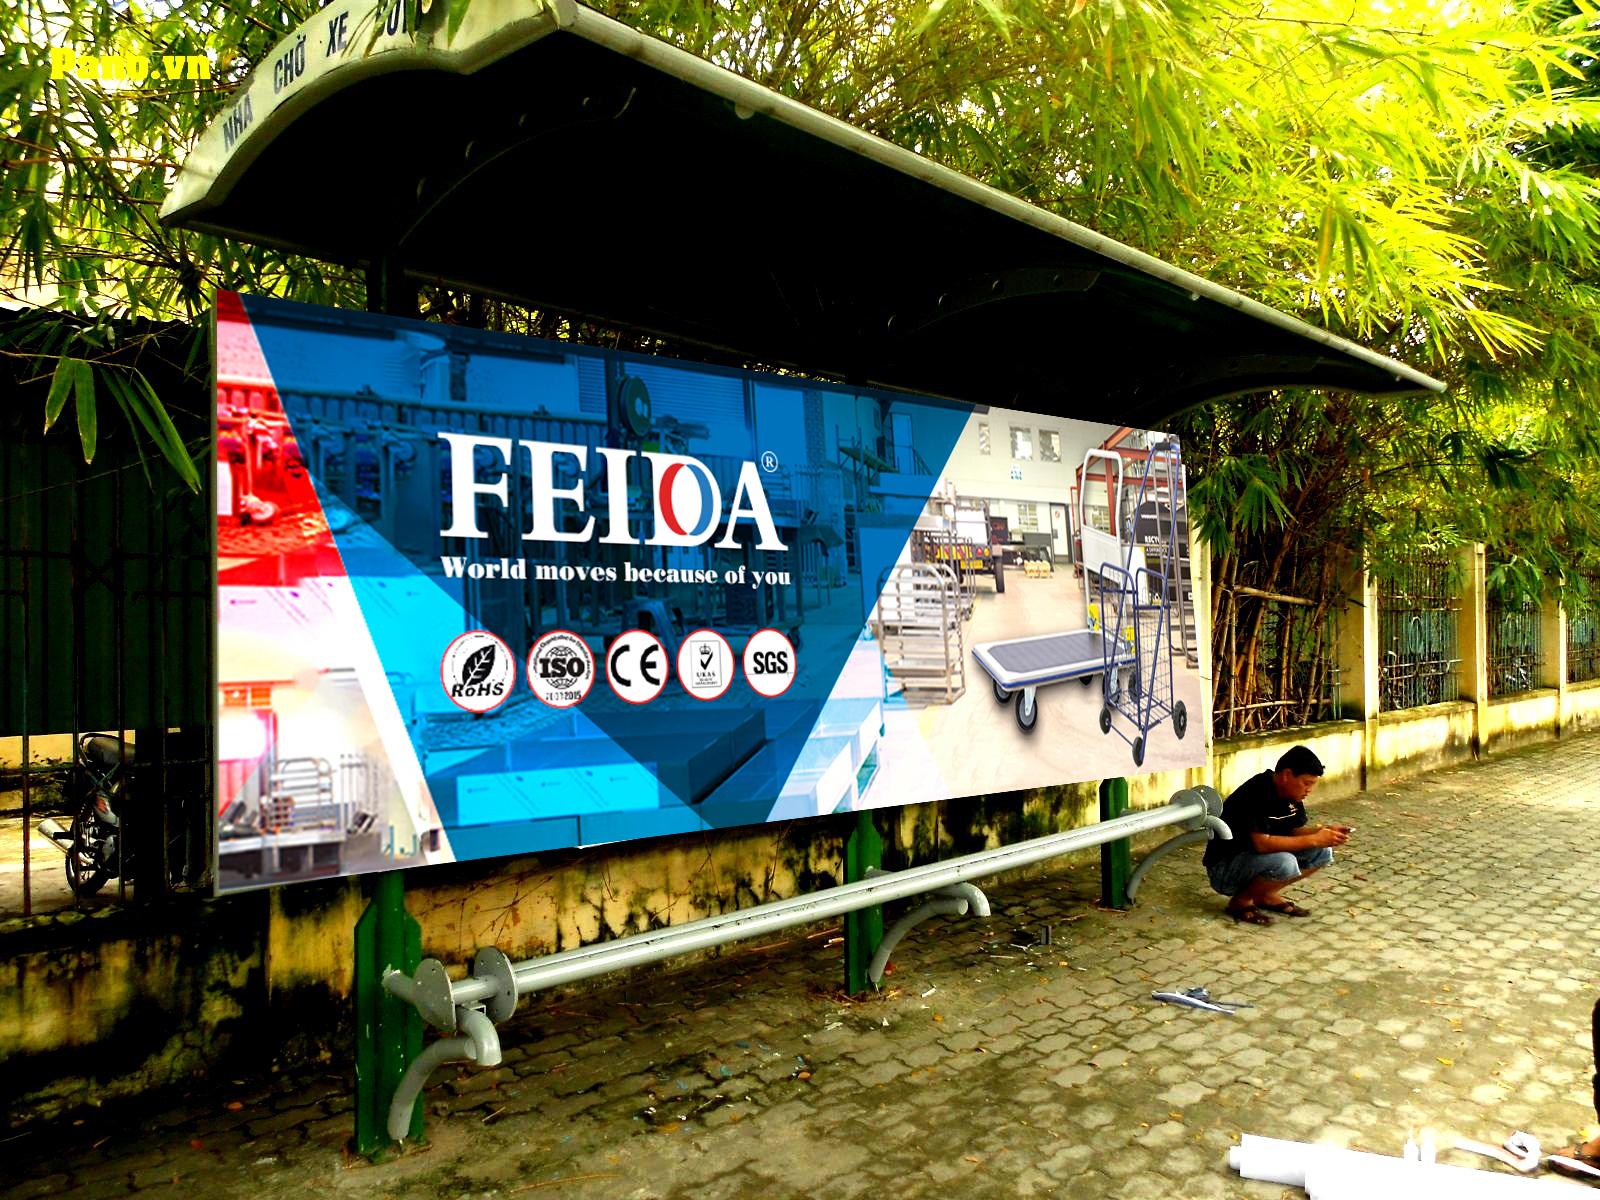 Xe đẩy hàng Feida chính hãng và đặc điểm khác biệt để nhận biết